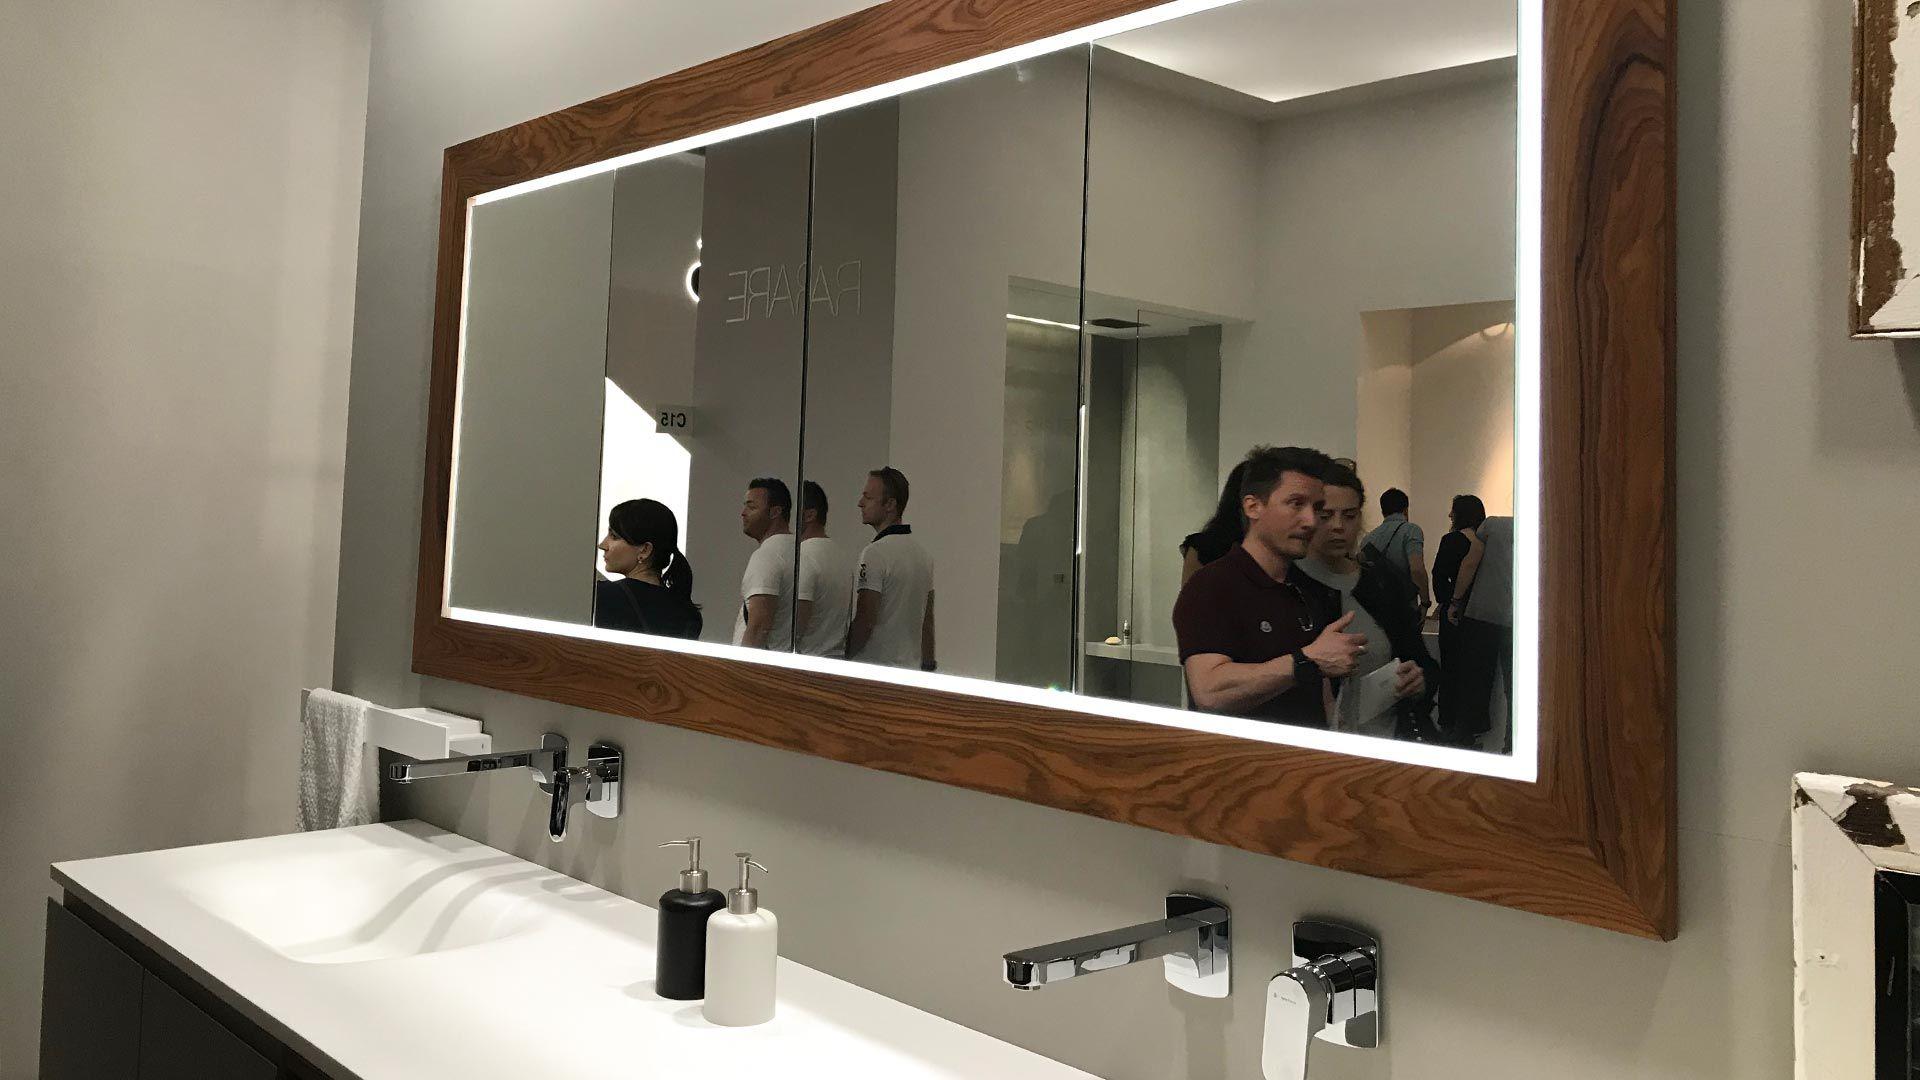 Badezimmertrends Von Der Mobelmesse Mailand 2018 Teil 2 Des Messeberichts Medien Mobel Innenausbau